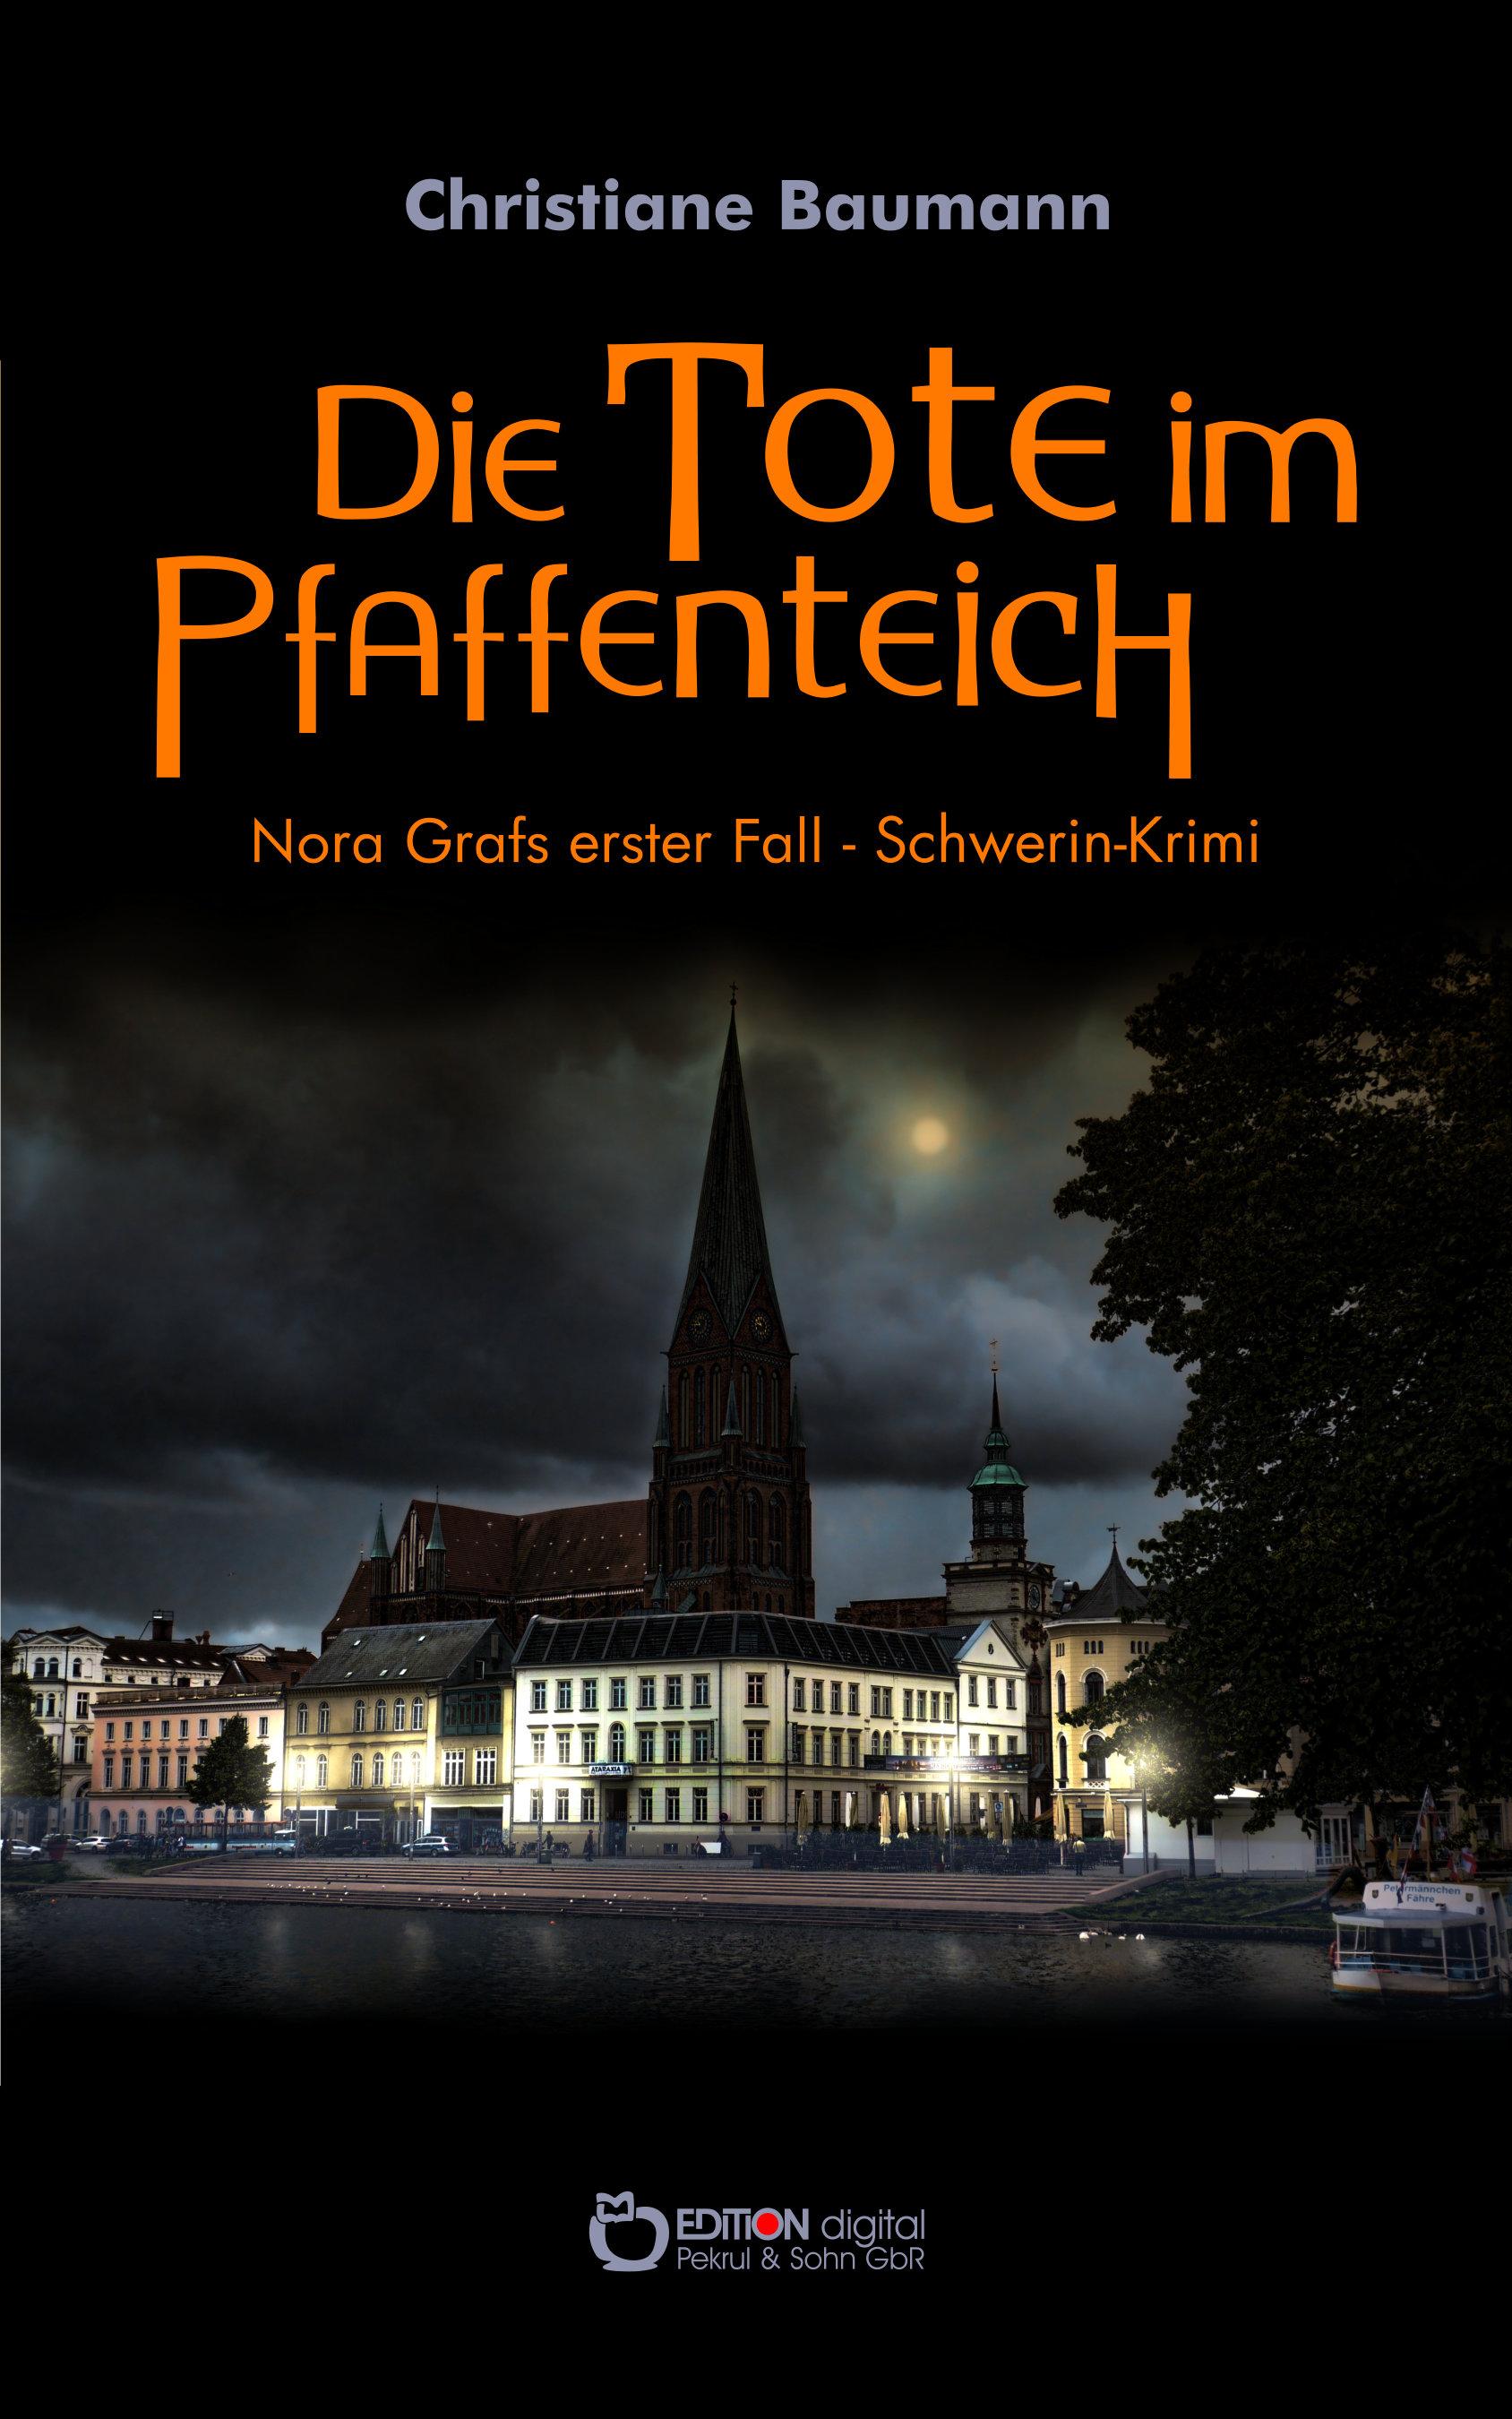 Die Tote im Pfaffenteich. Ein Schwerin-Krimi von Christiane Baumann